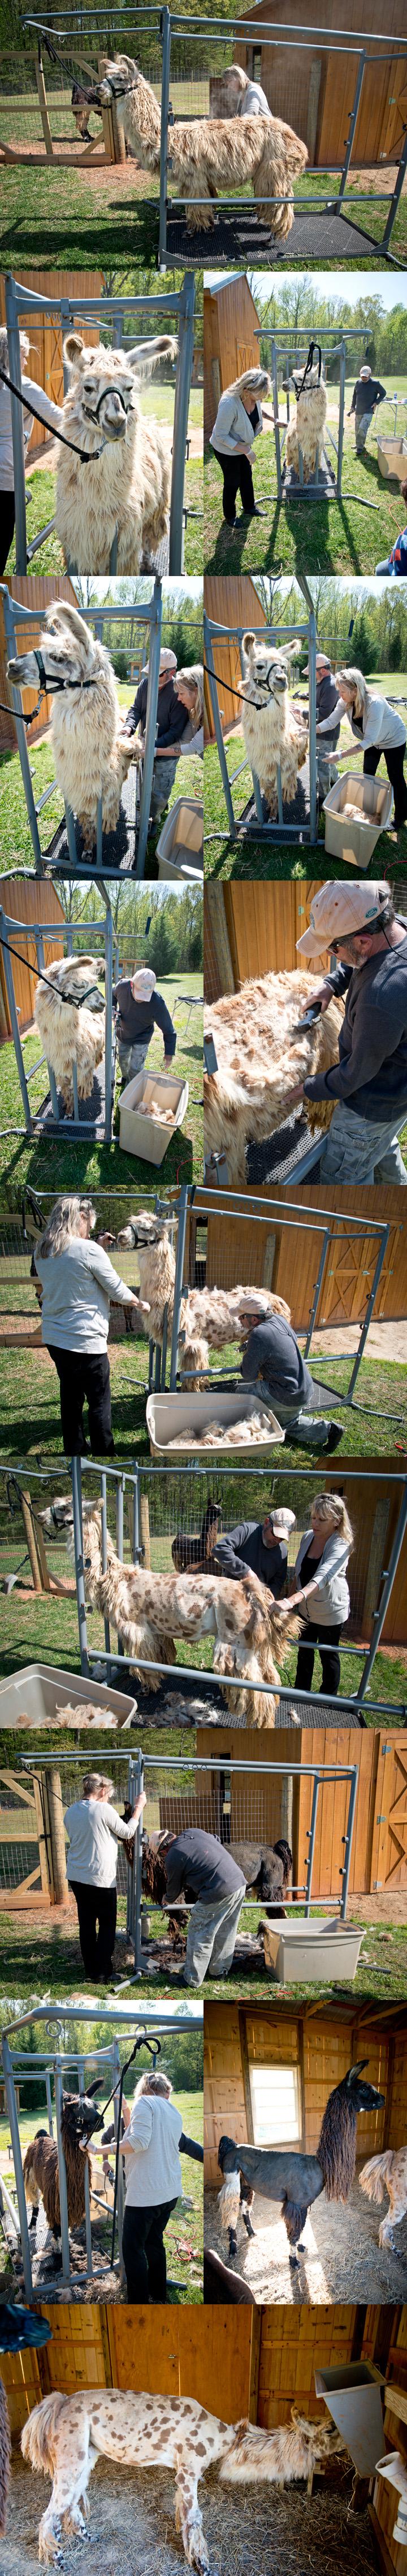 2013 llama shearing